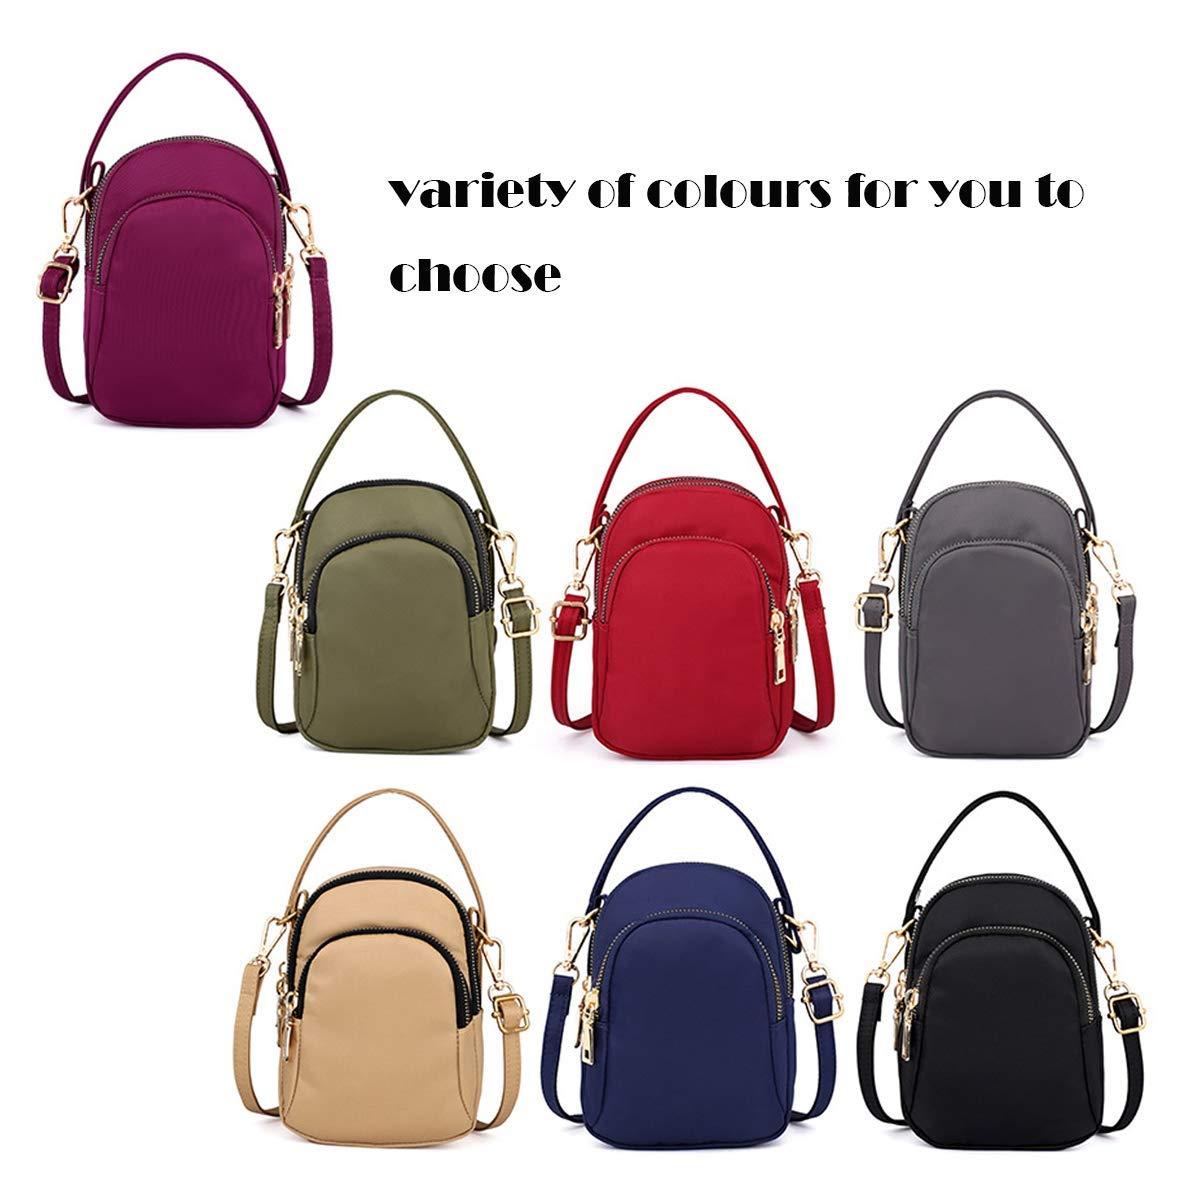 Cxjff nylon vattentät liten mode cross-body väska axelväskor passar dam och flickor (blå) (färg: Grön) gRÖN